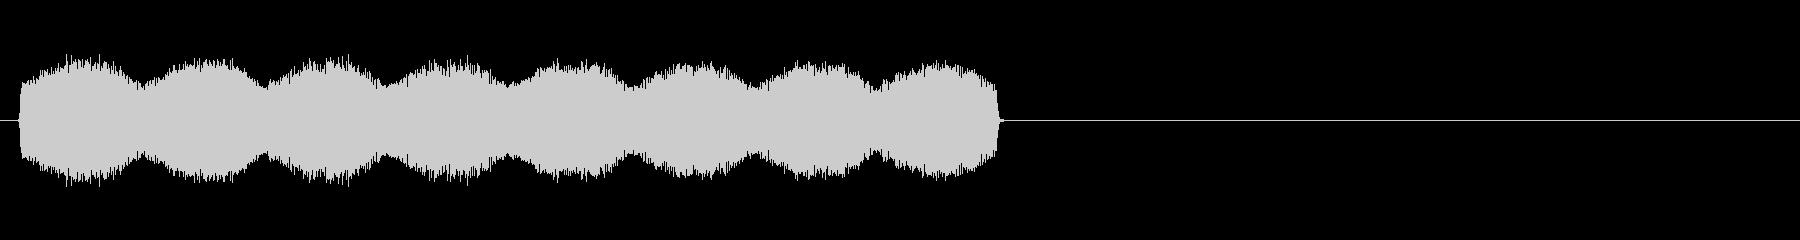 ゴニョゴニョ・・・(放送禁止、伏せ音)の未再生の波形